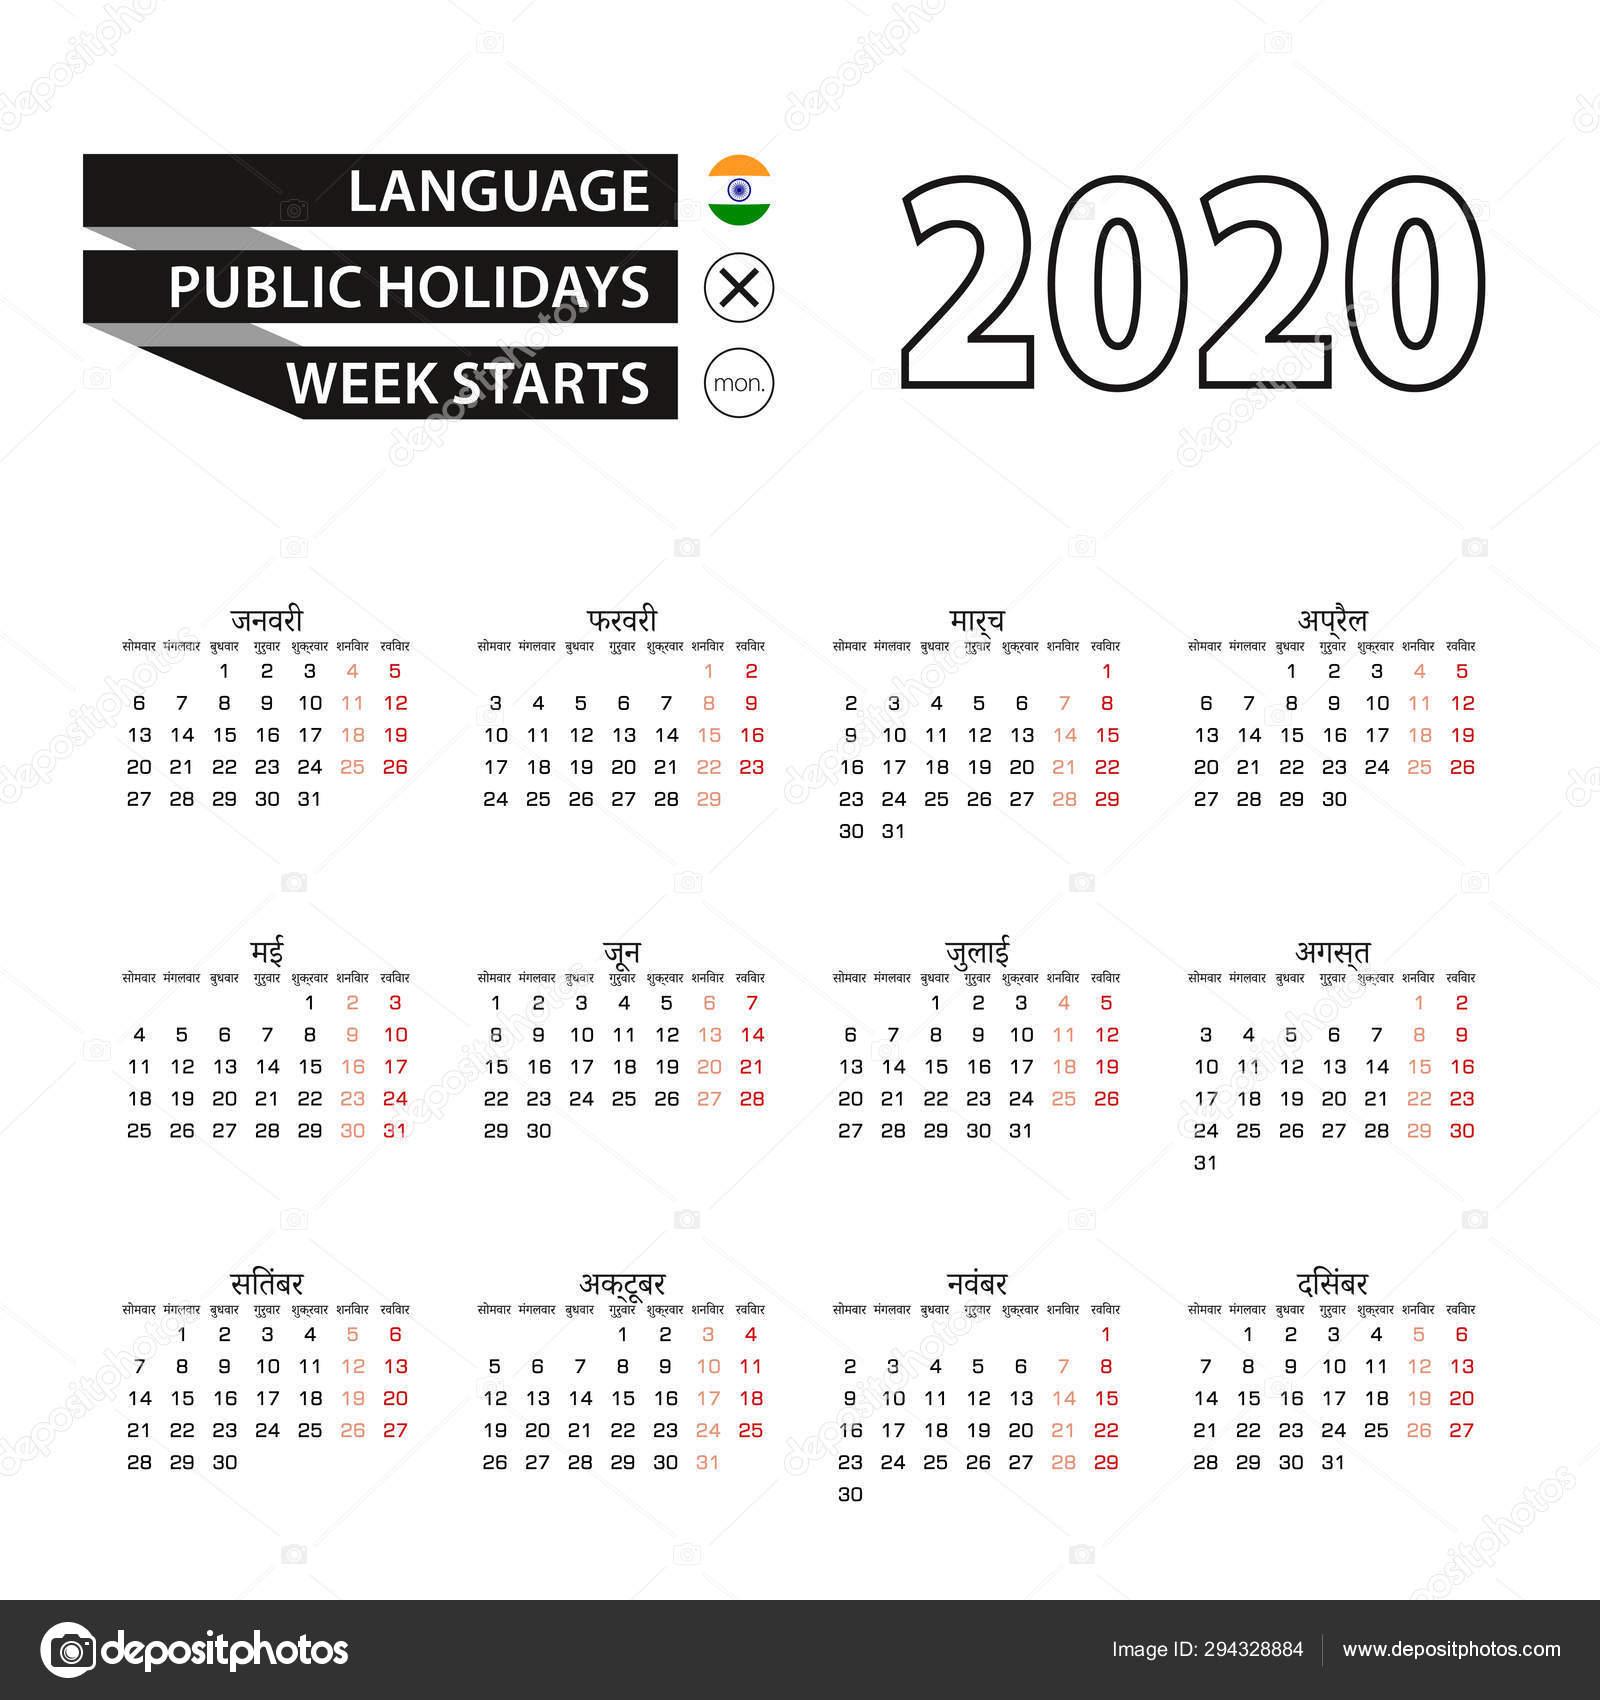 Calendar 2020 In Hindi Language, Week Starts On Monday